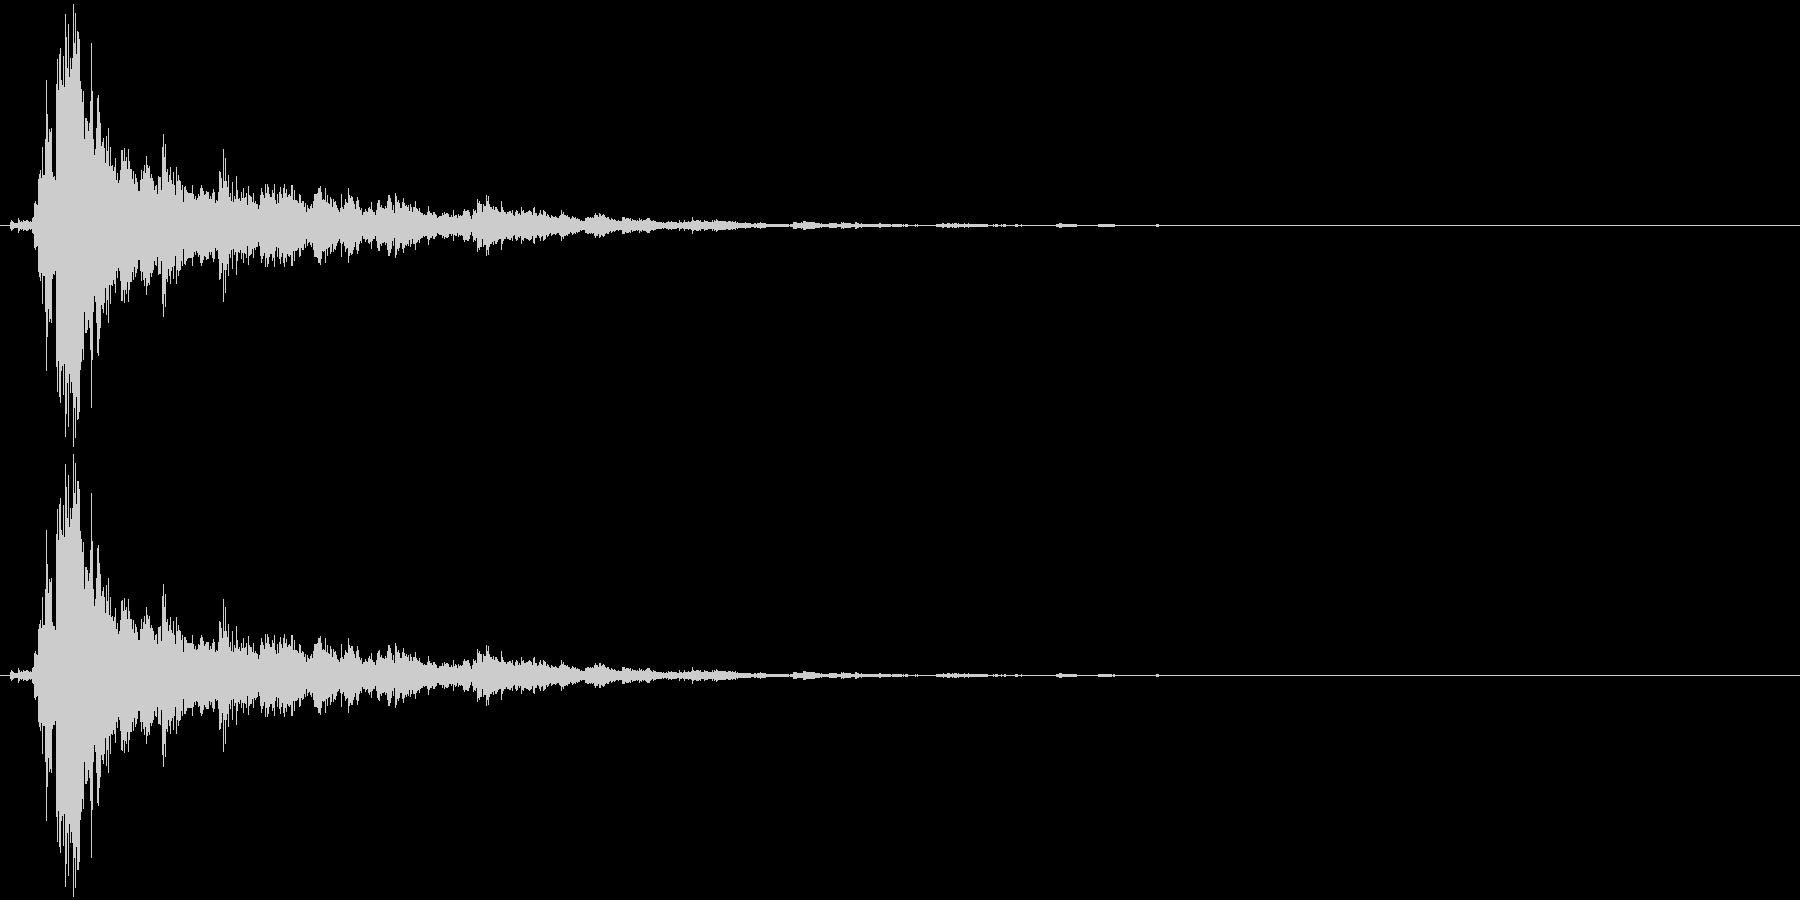 音侍SE「シャン〜〜!」象徴的な鈴の音1の未再生の波形